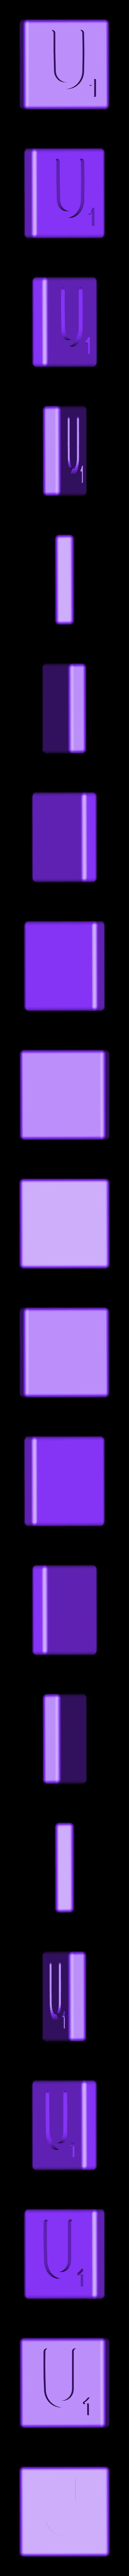 Dual_Shell_U.STL Télécharger fichier STL gratuit Pièces et support SCRABBBLE • Design pour imprimante 3D, Balkhagal4D